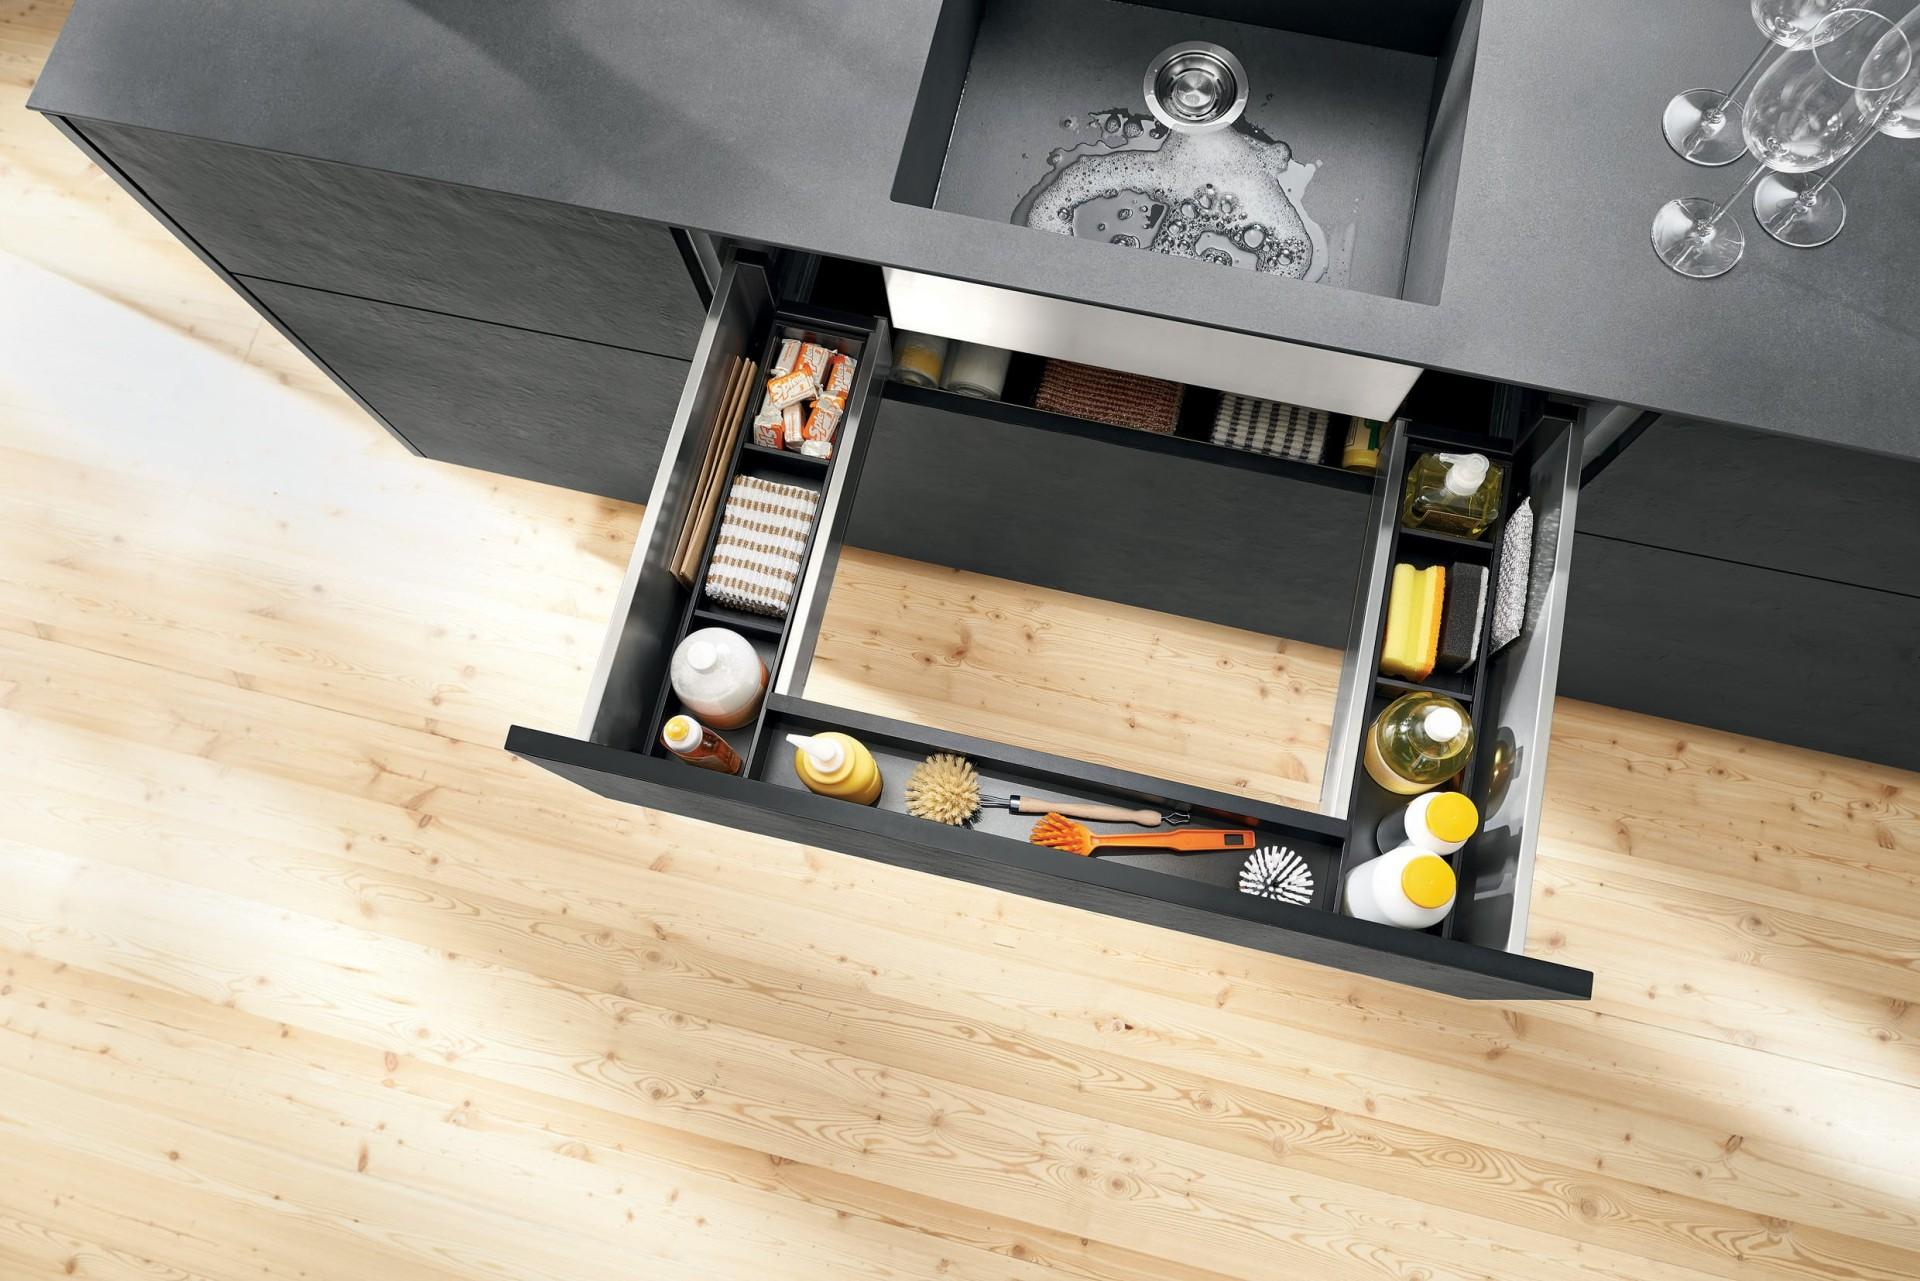 Küchenschrank: Die richtigen Küchenmöbel finden